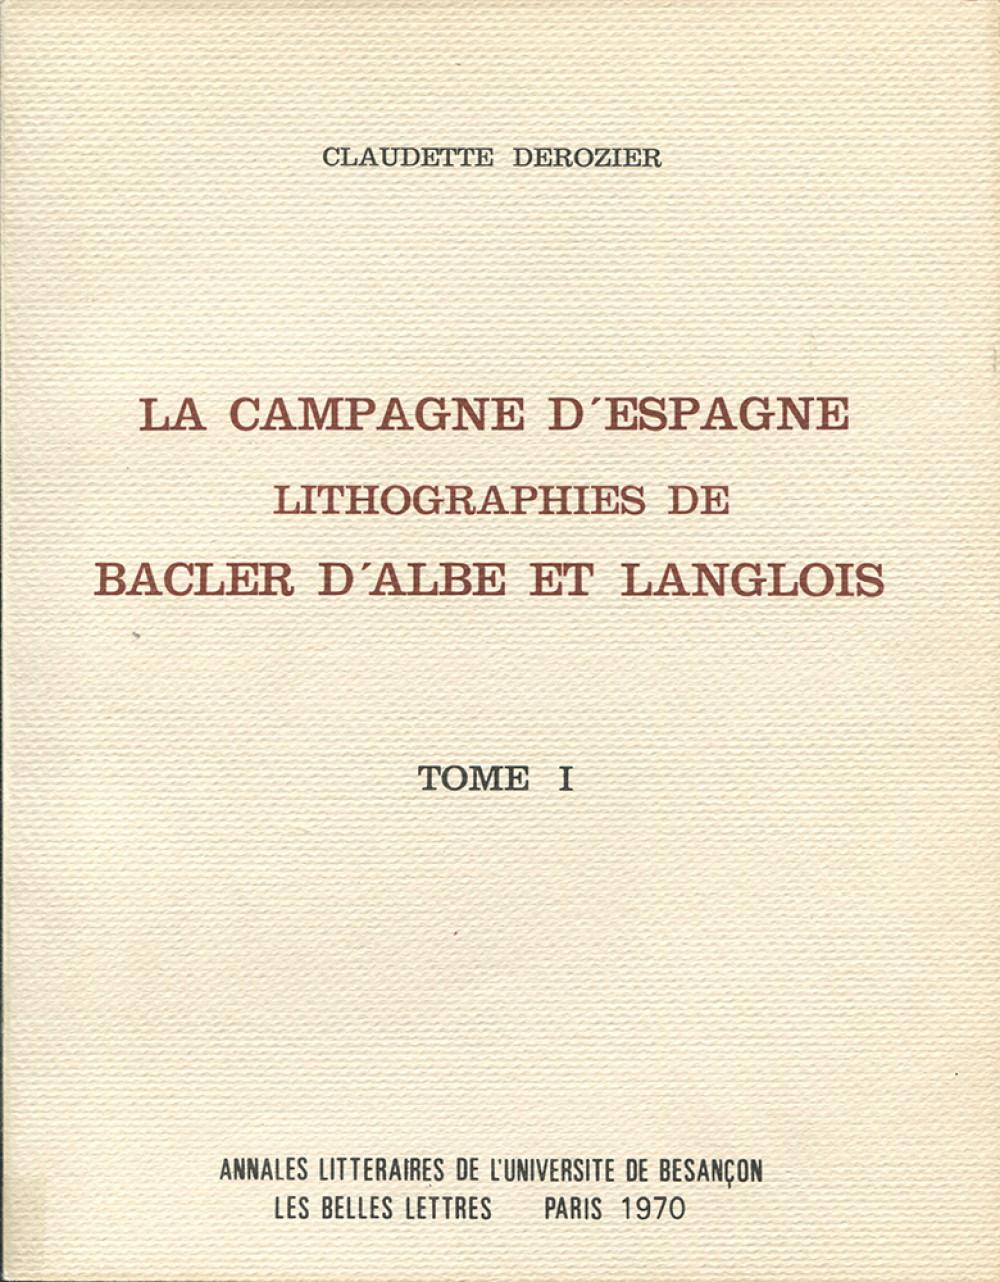 La campagne d'Espagne. Lithographies de Bacler d'Alber et Langlois